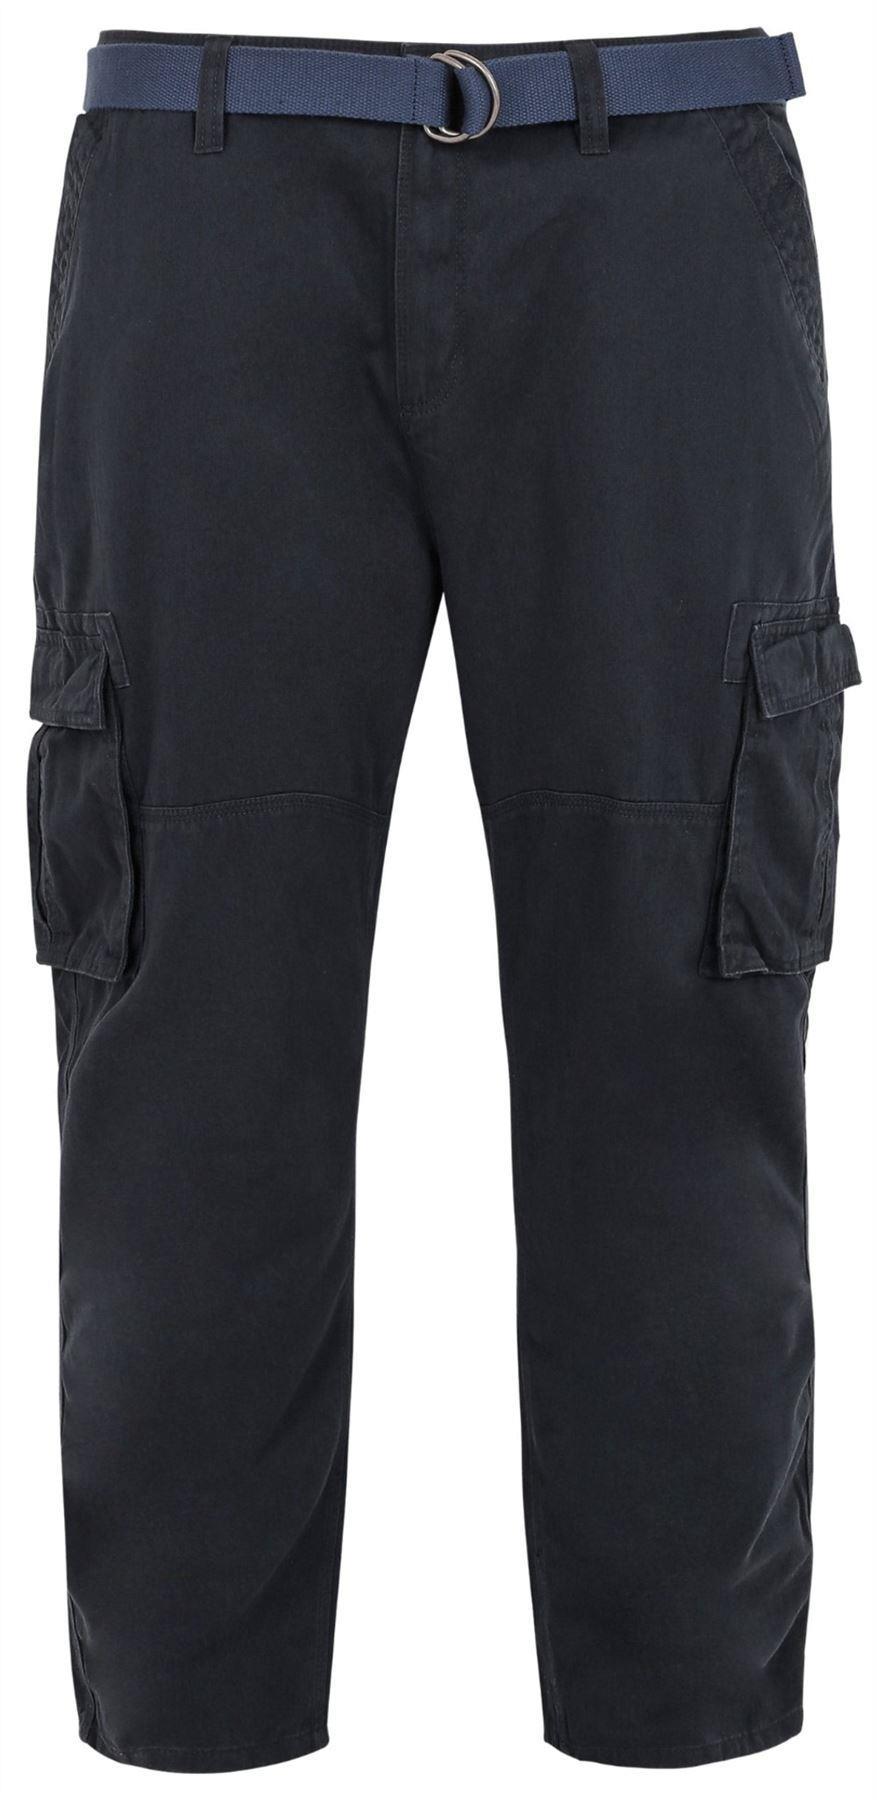 Bad Rhino Cargo Trousers - Navy|48W30L